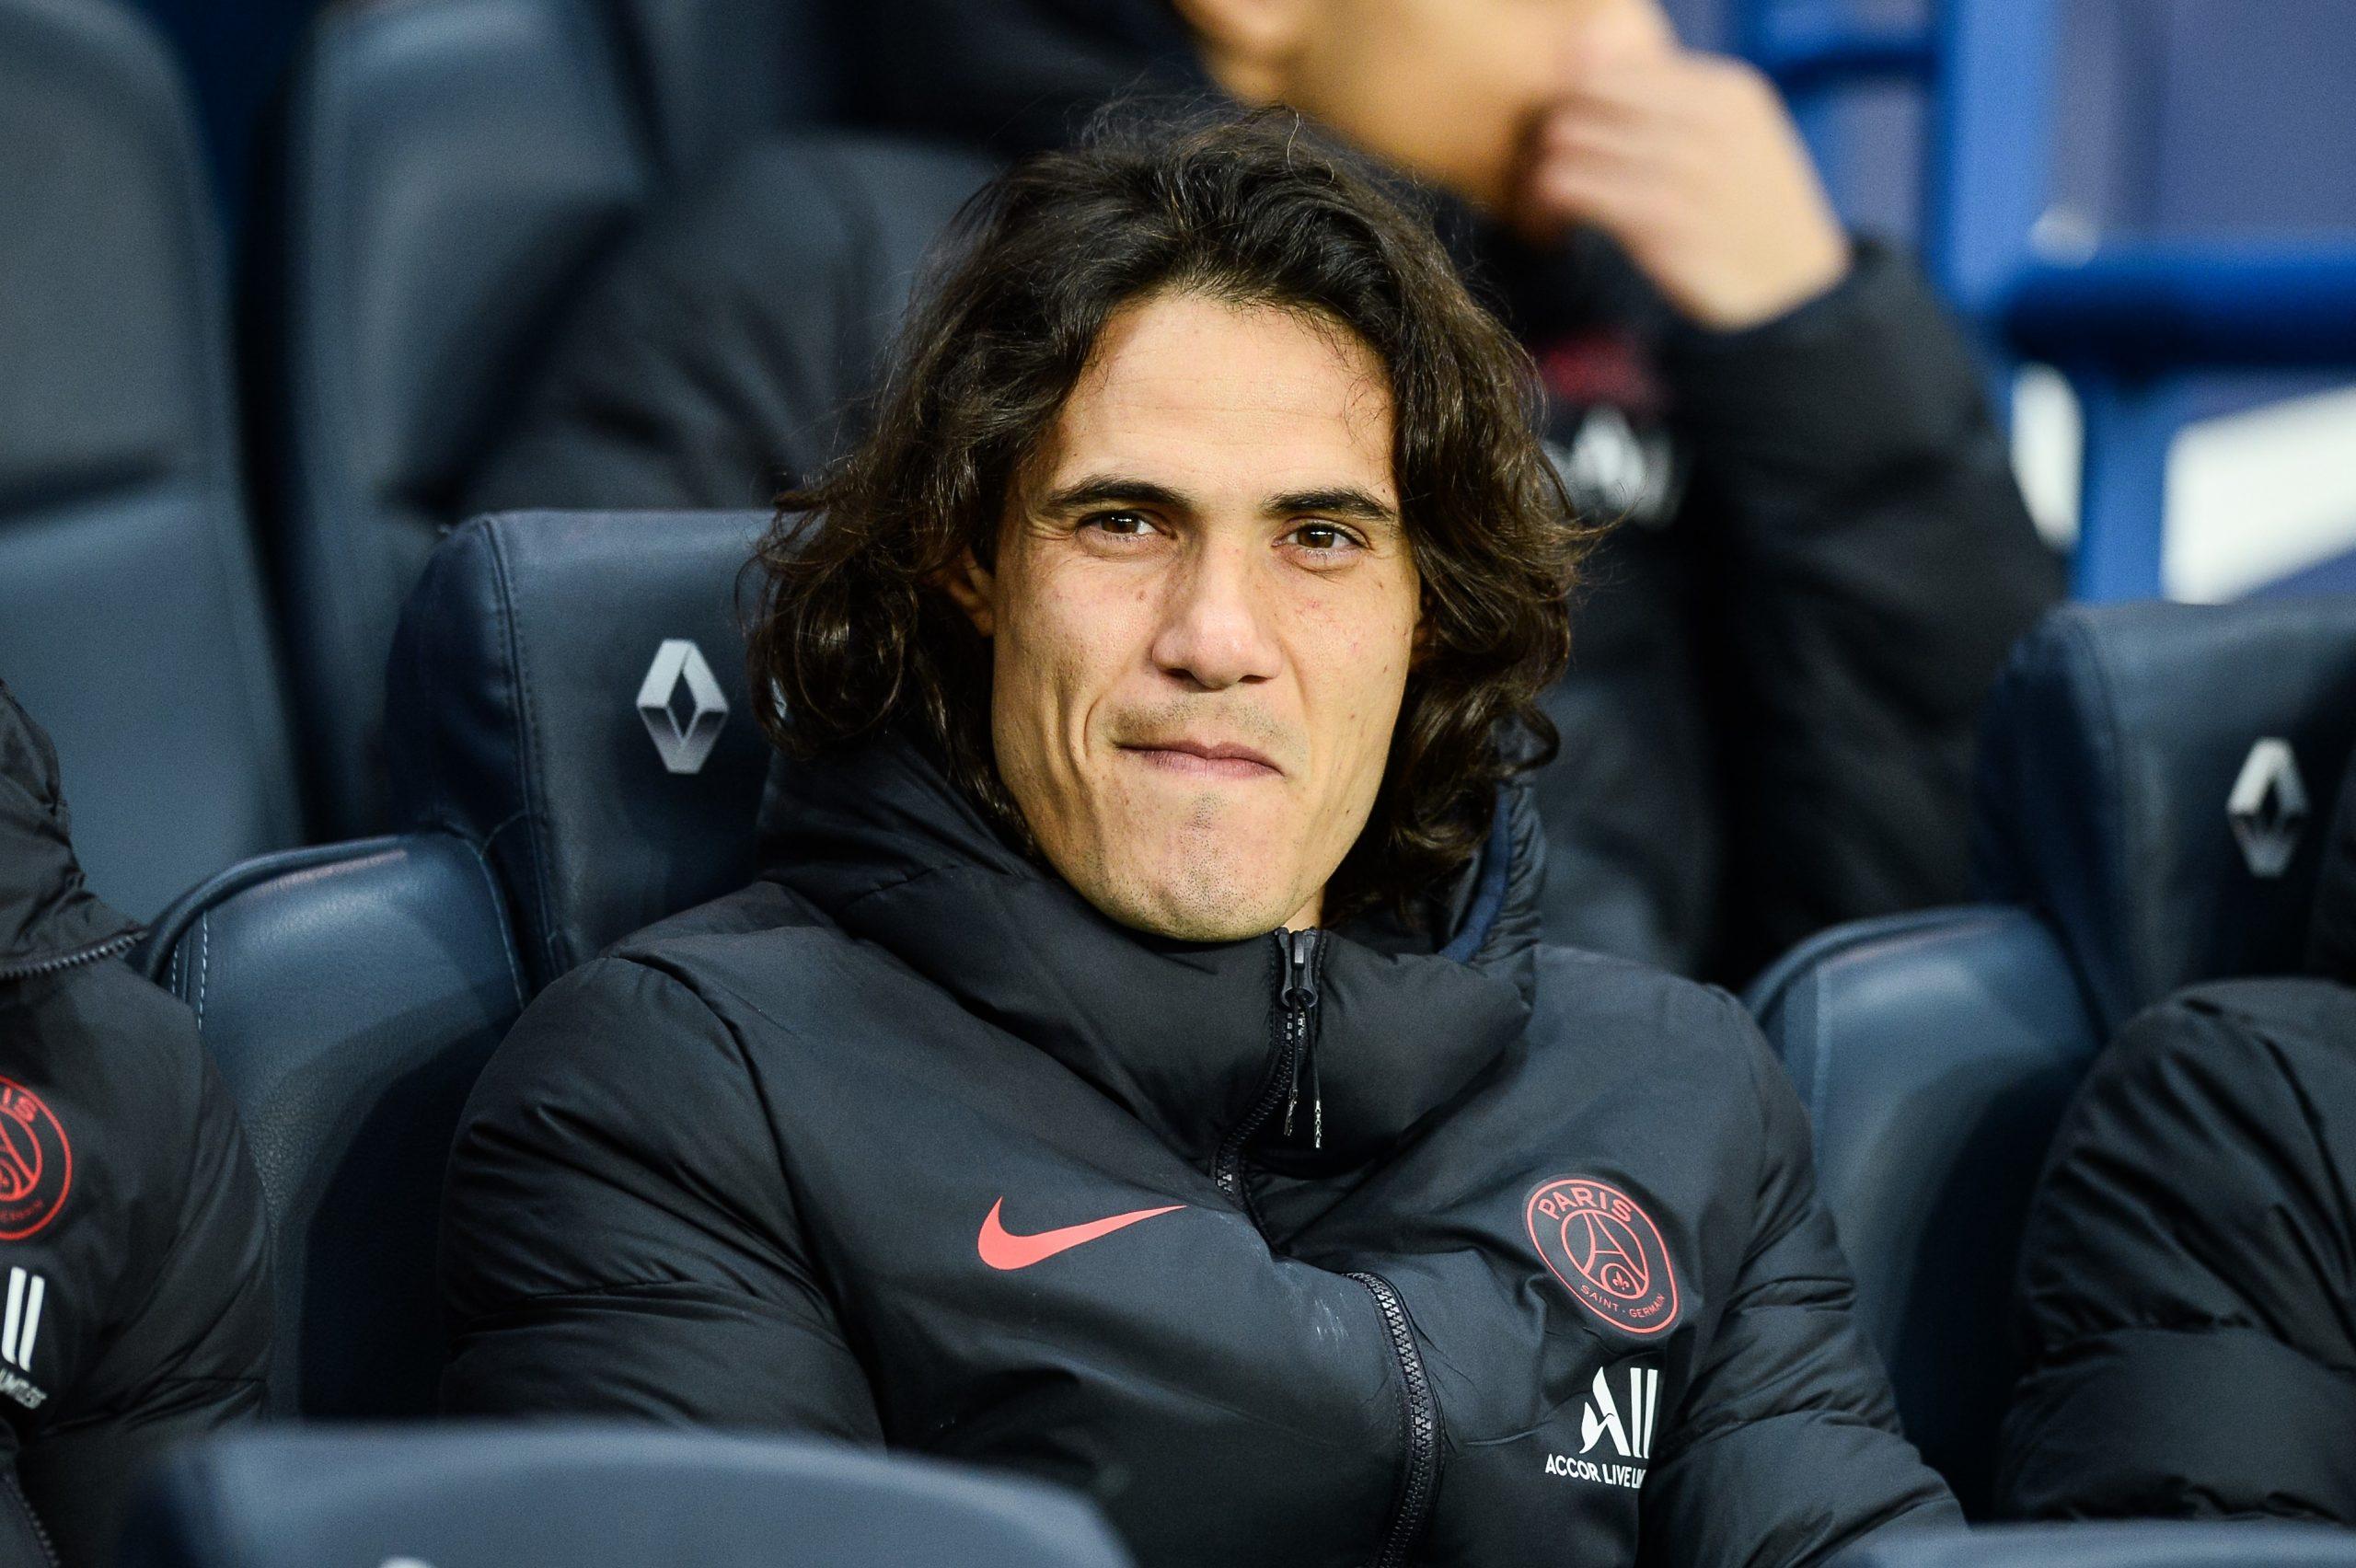 Mercato - Le PSG n'a pas lancé le recrutement d'un remplacement de Cavani, annonce Le Parisien